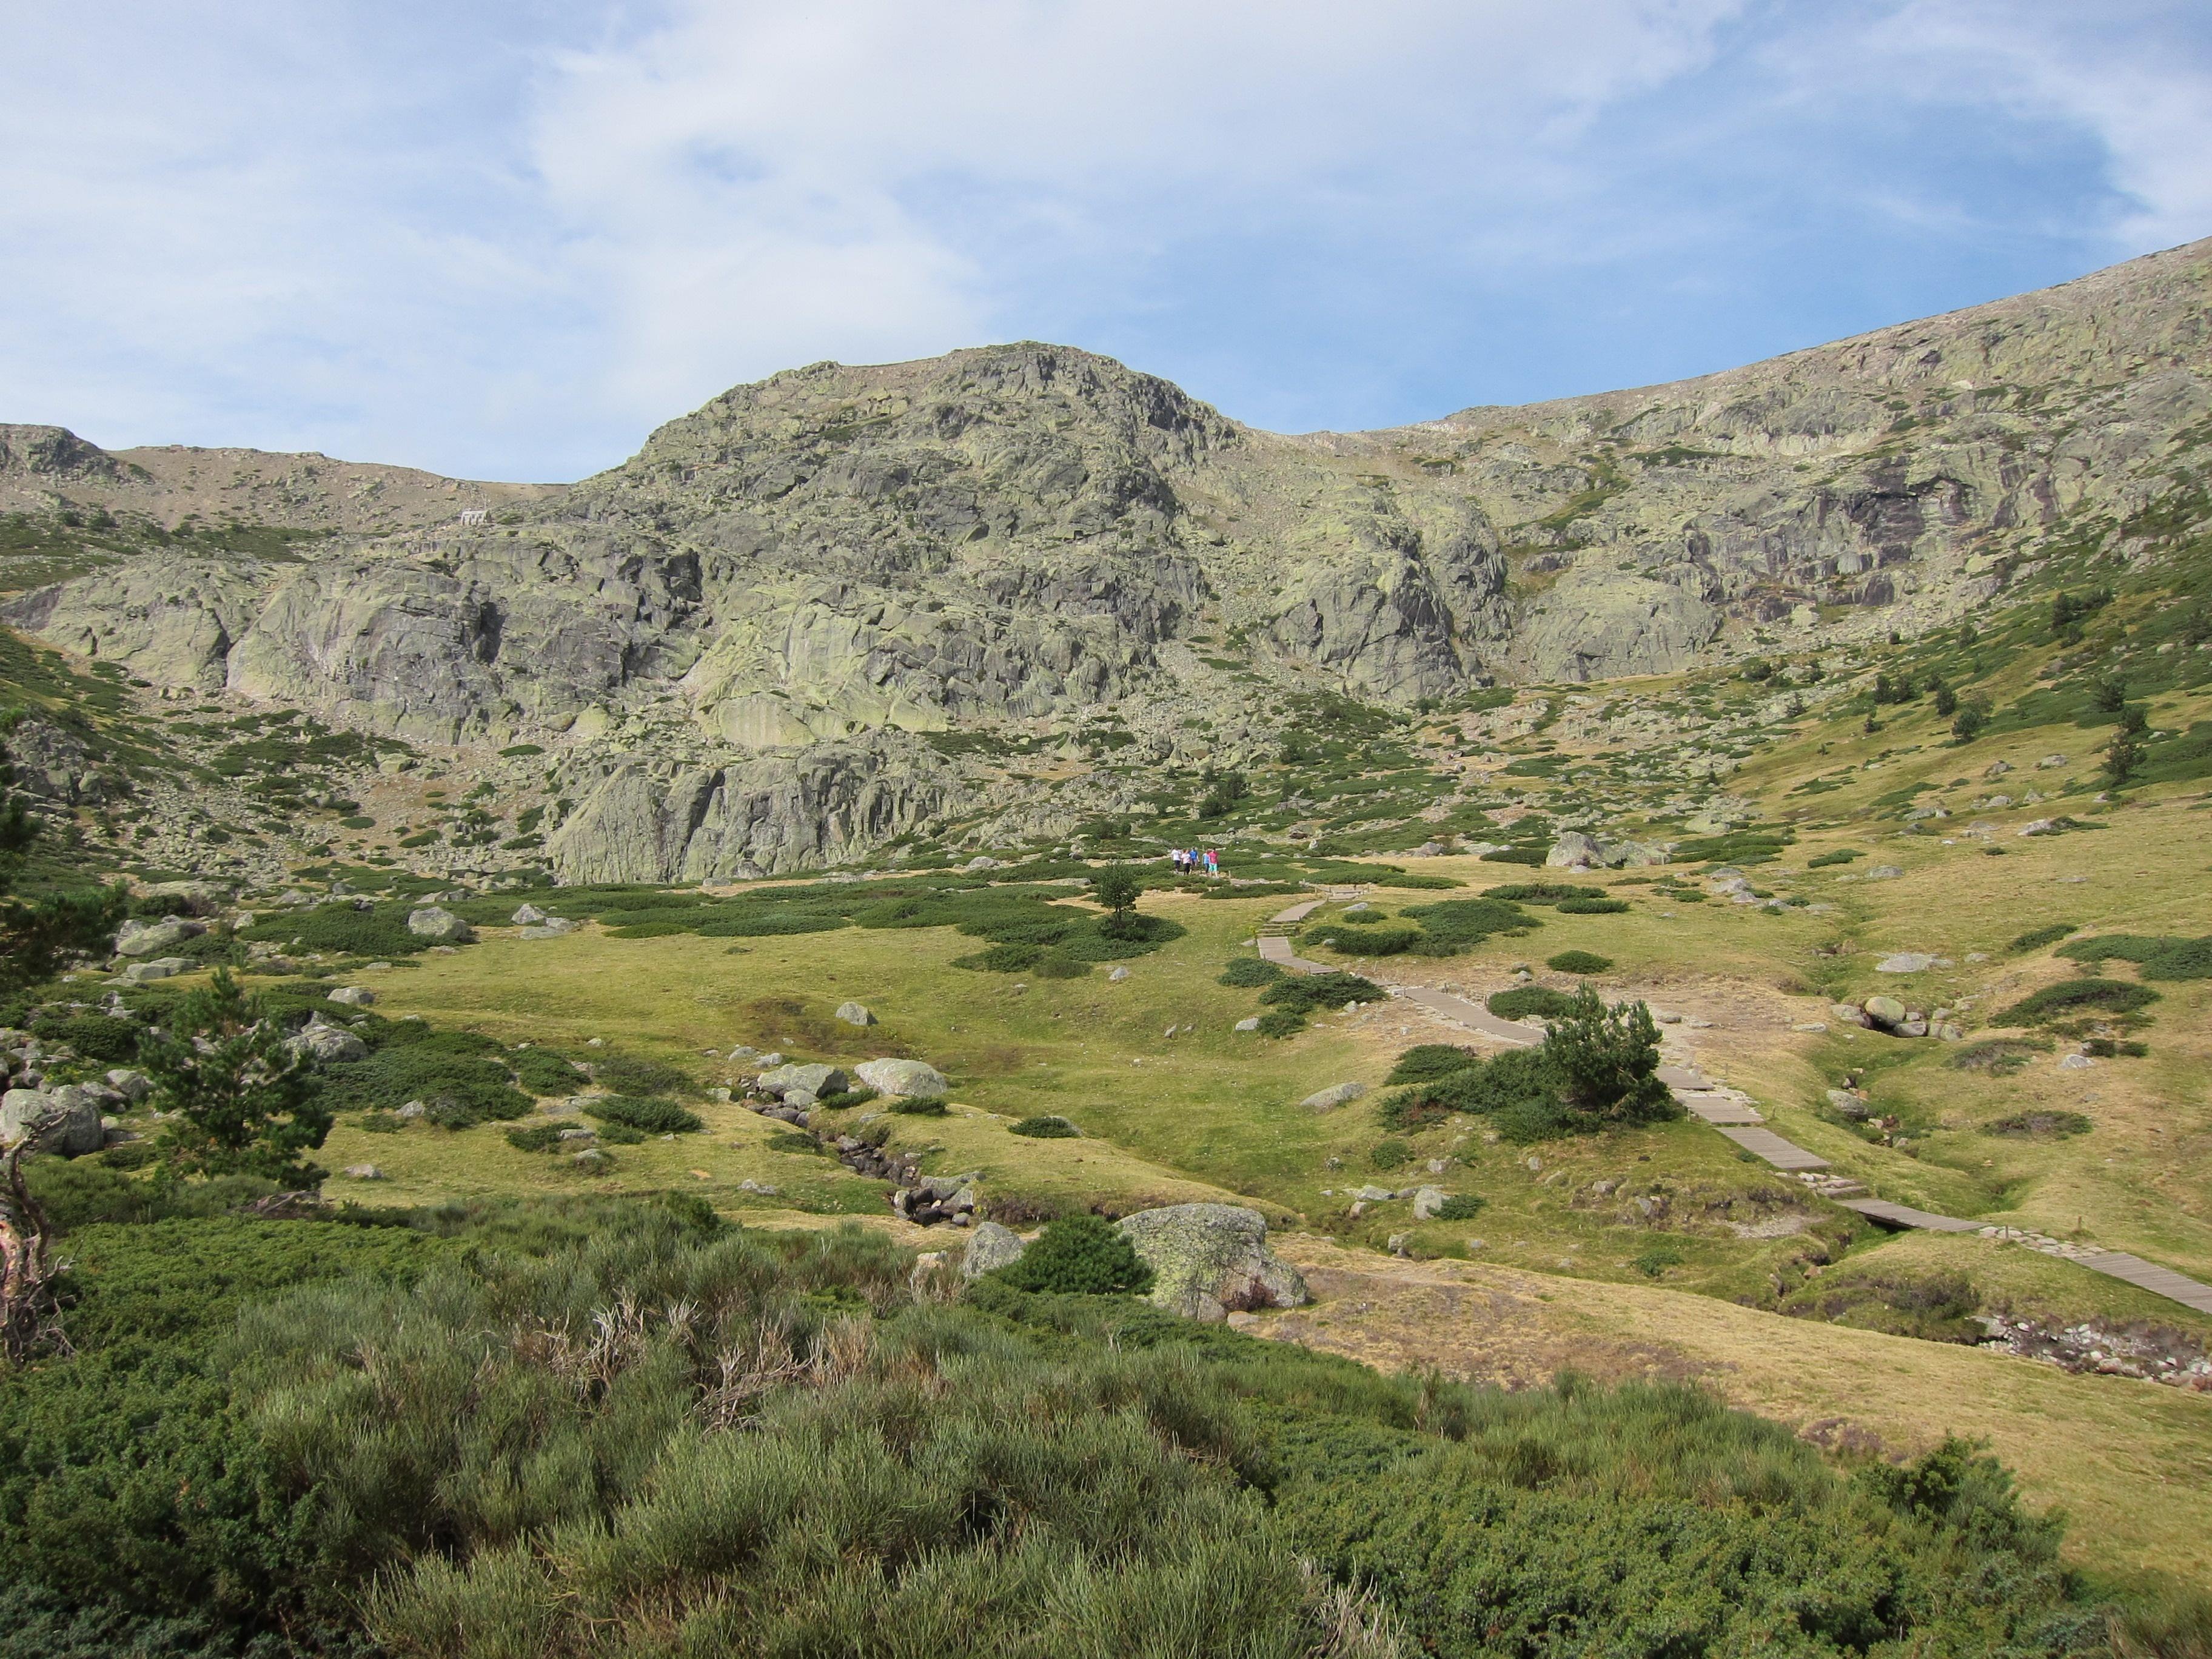 La Comunidad, Castilla y León y Parques Nacionales impulsarán en turismo sostenible en el Parque Nacional de Guadarrama